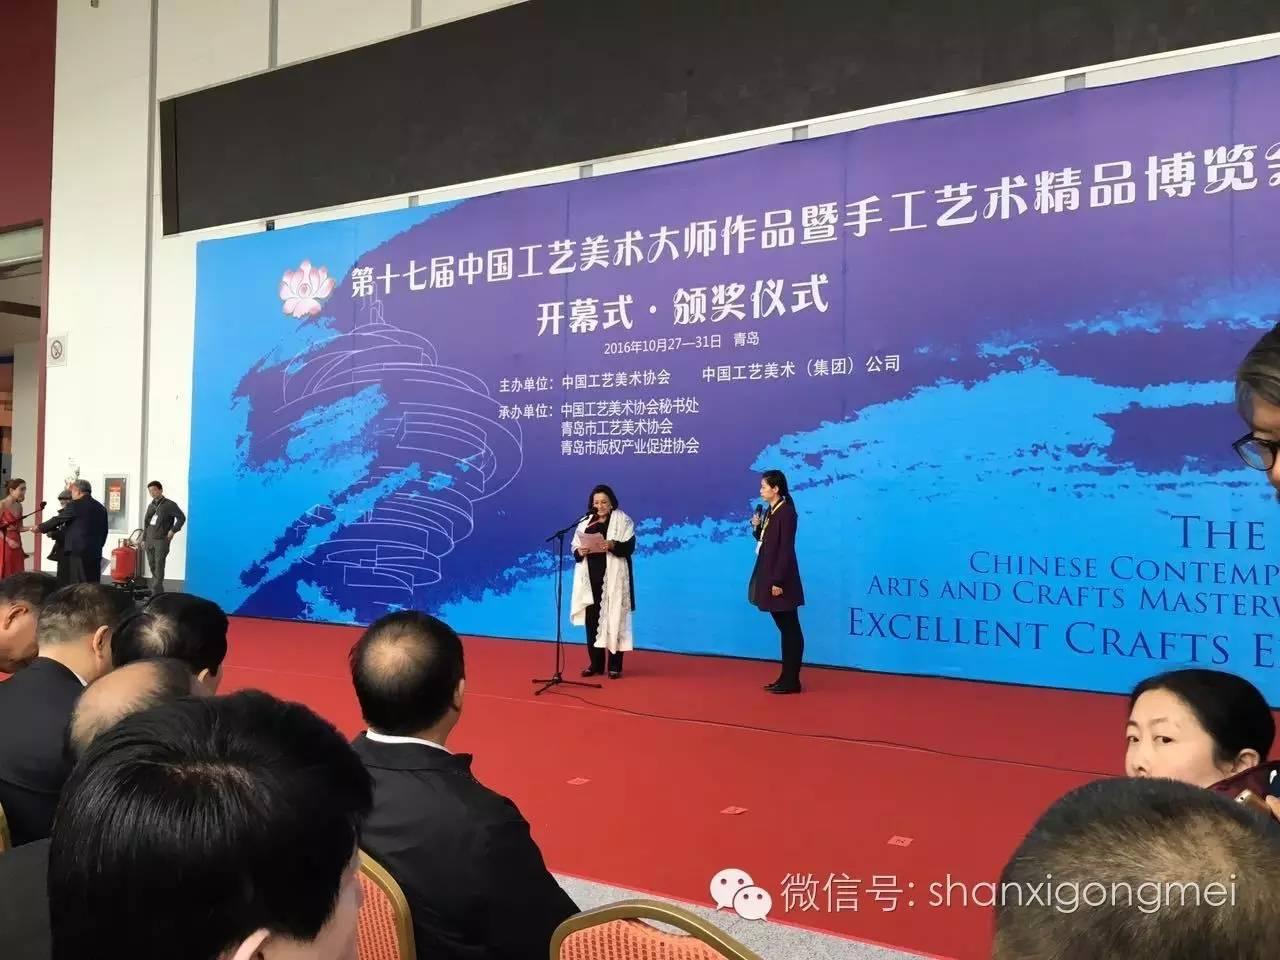 山西工美亮相中国工艺美术大师作品暨手工艺术精品博览会